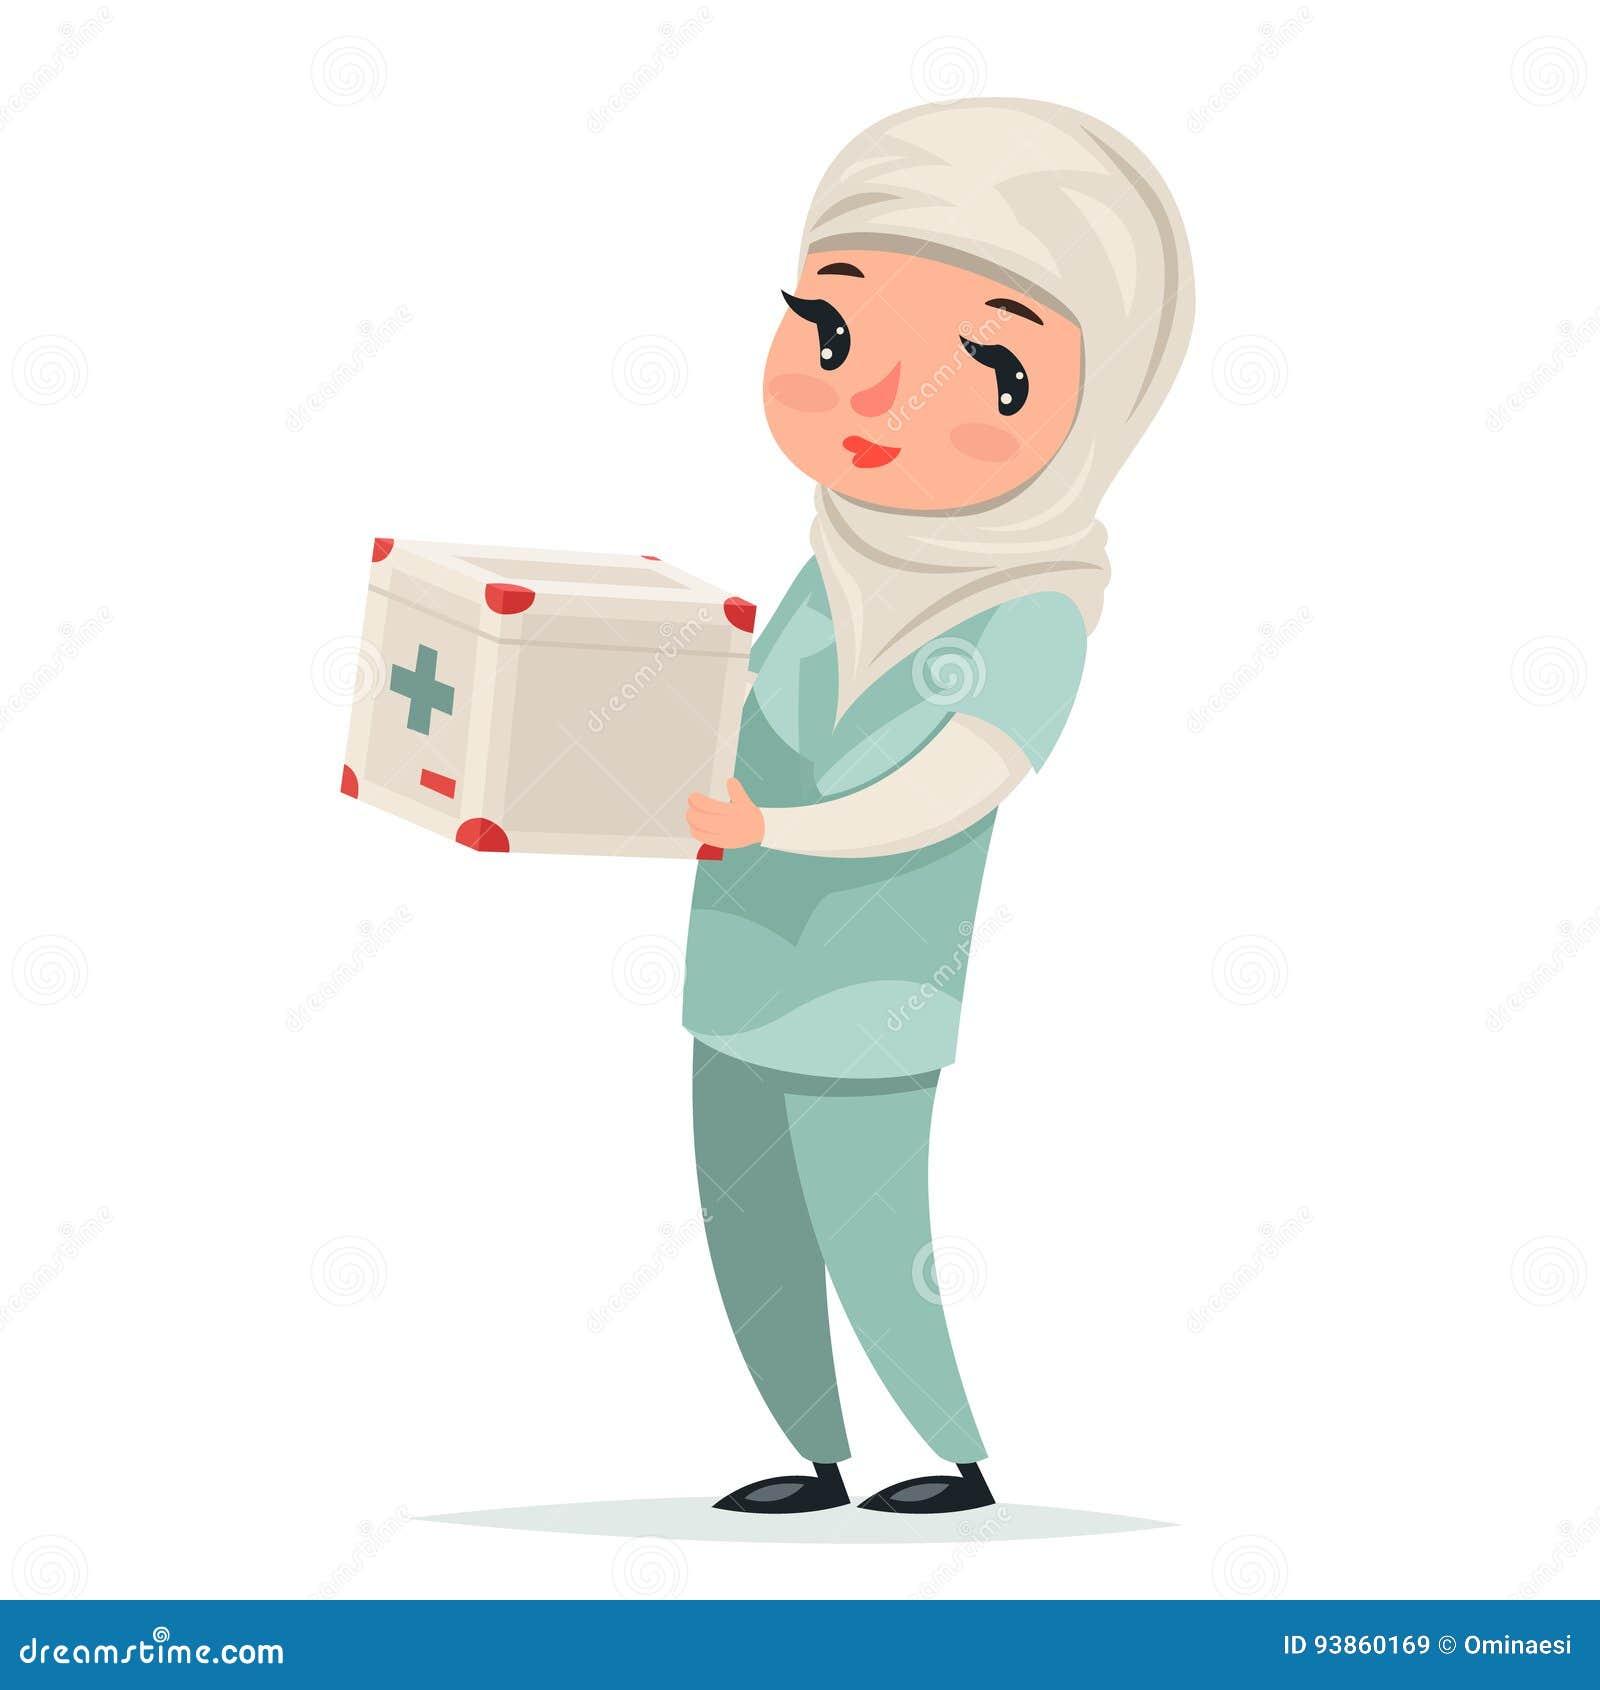 Transplantations-Chirurg-Krankenschwester-Female Girl Cute-arabischer Doktor mit Erste-Hilfe-Set-Medizin-Kasten-Kühlschrank-Verse